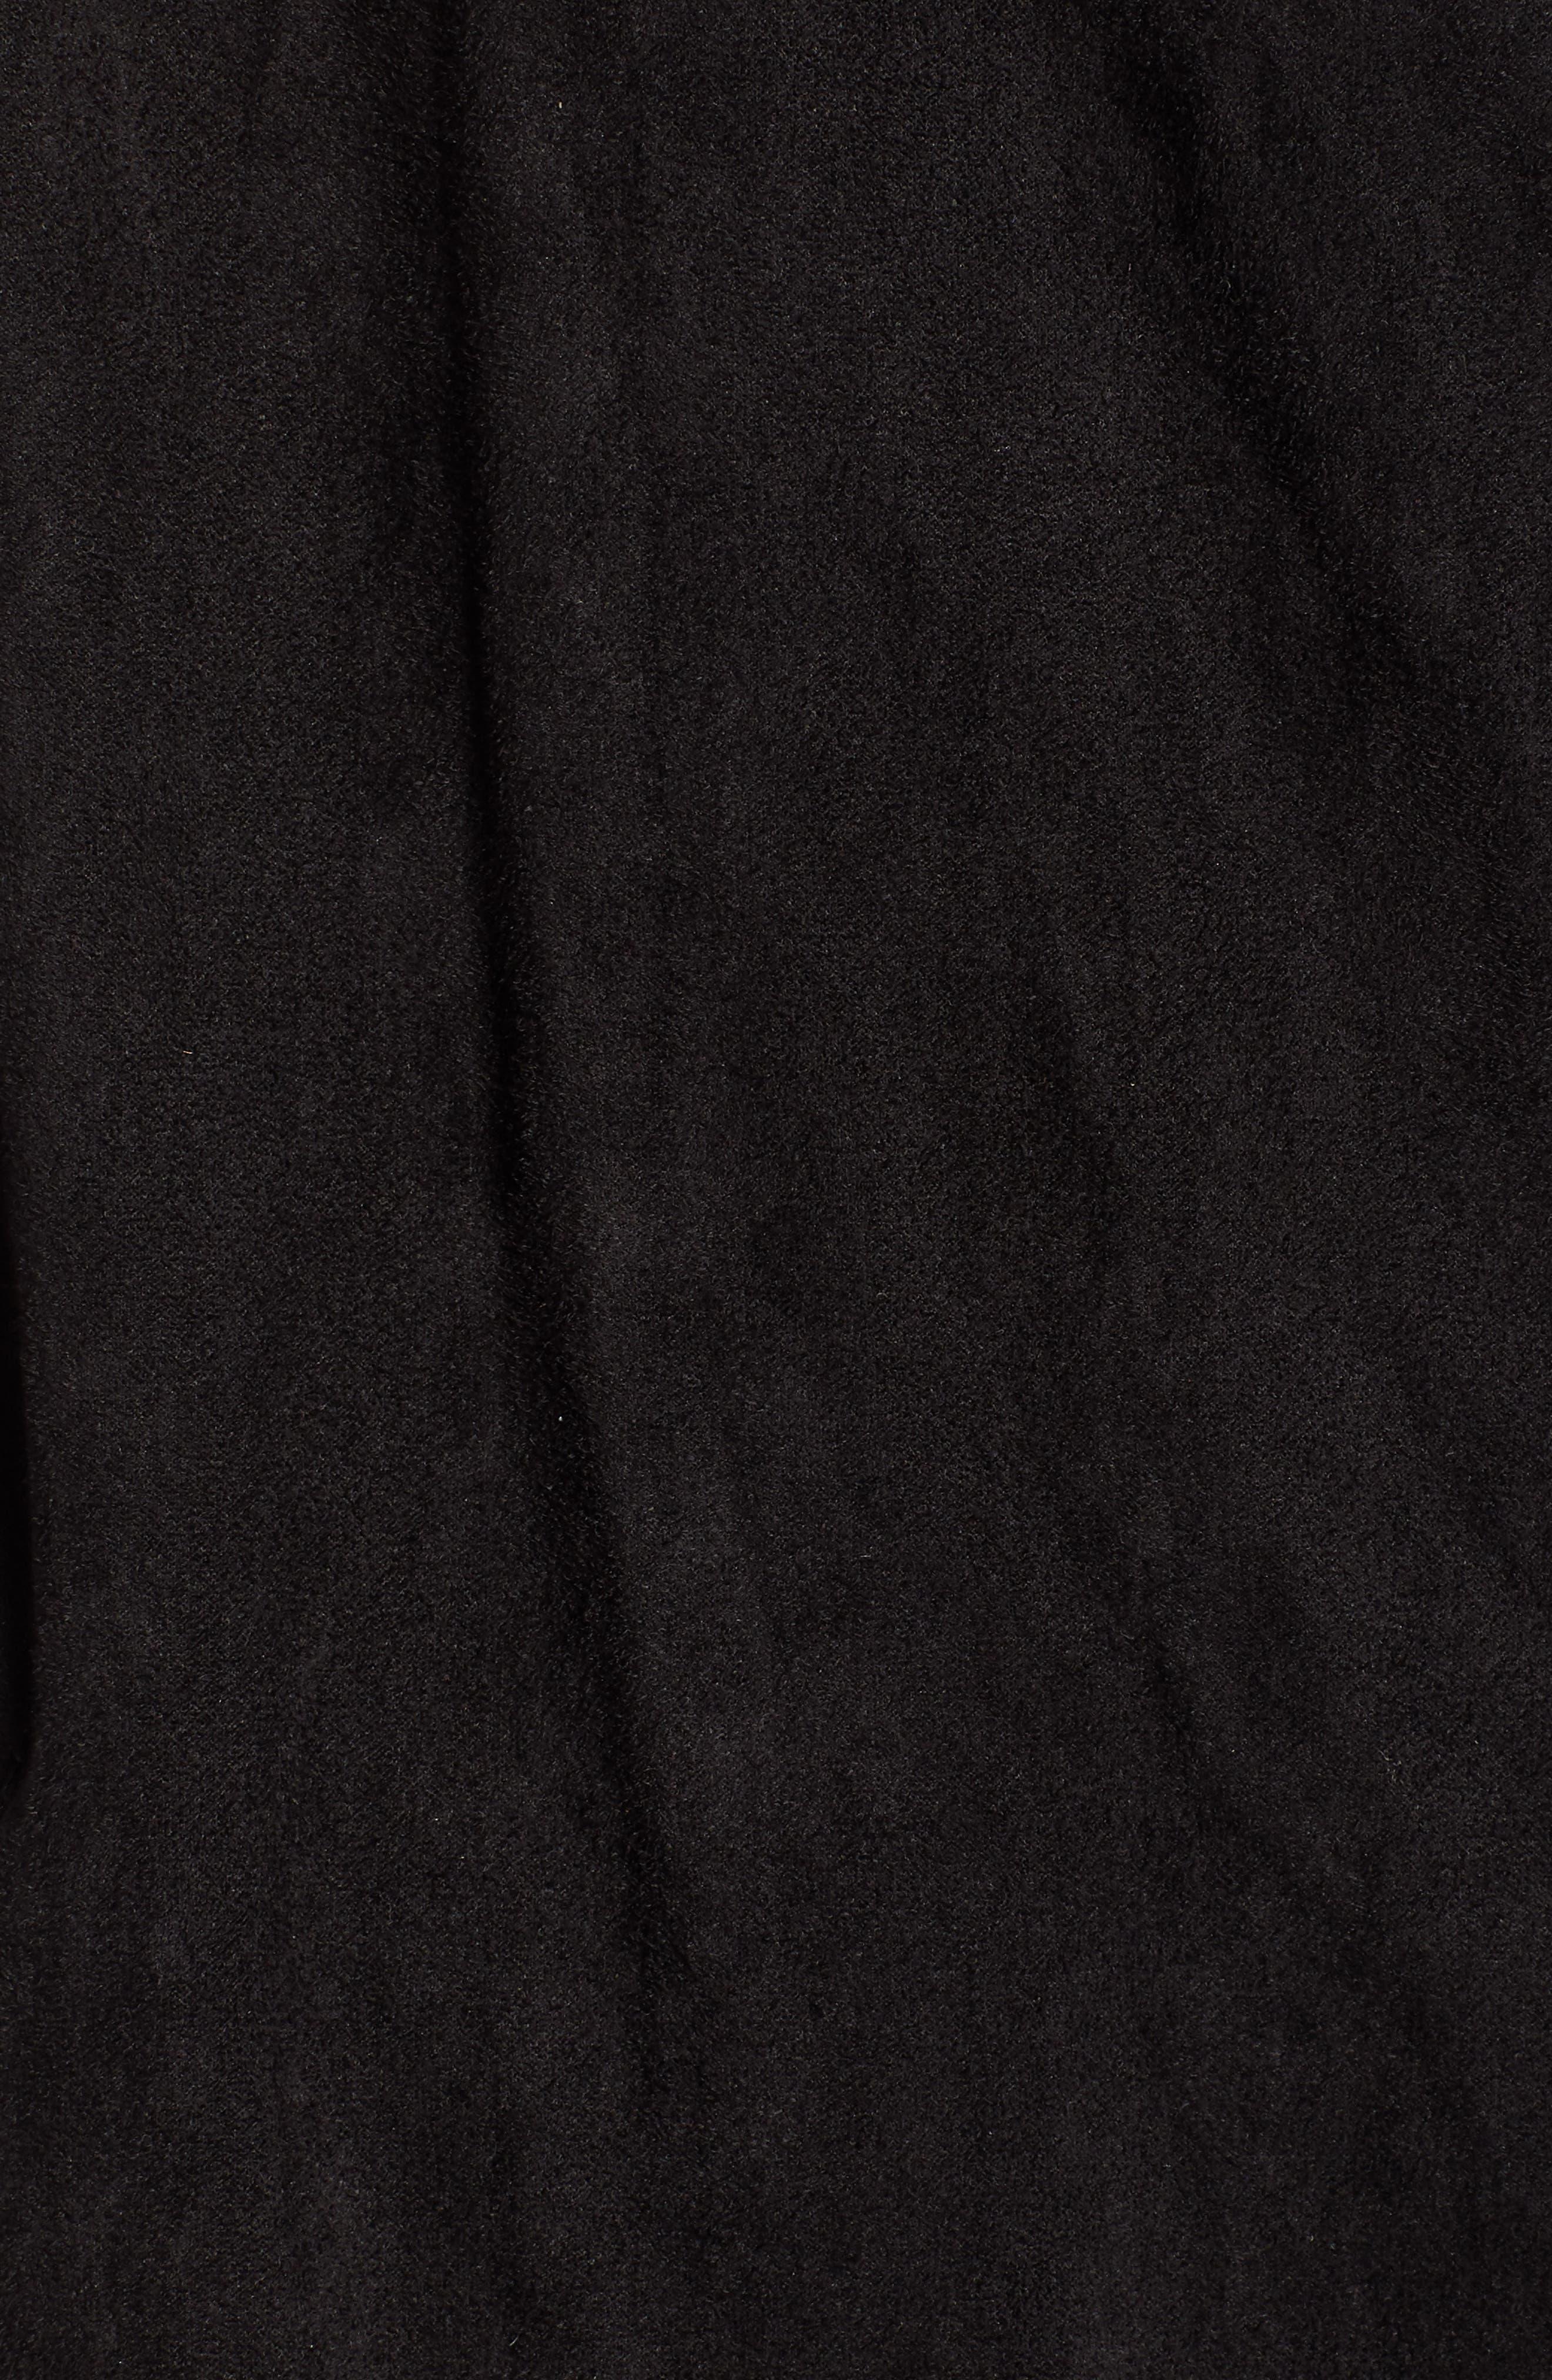 Cloud Nine Drape Jacket,                             Alternate thumbnail 6, color,                             Black